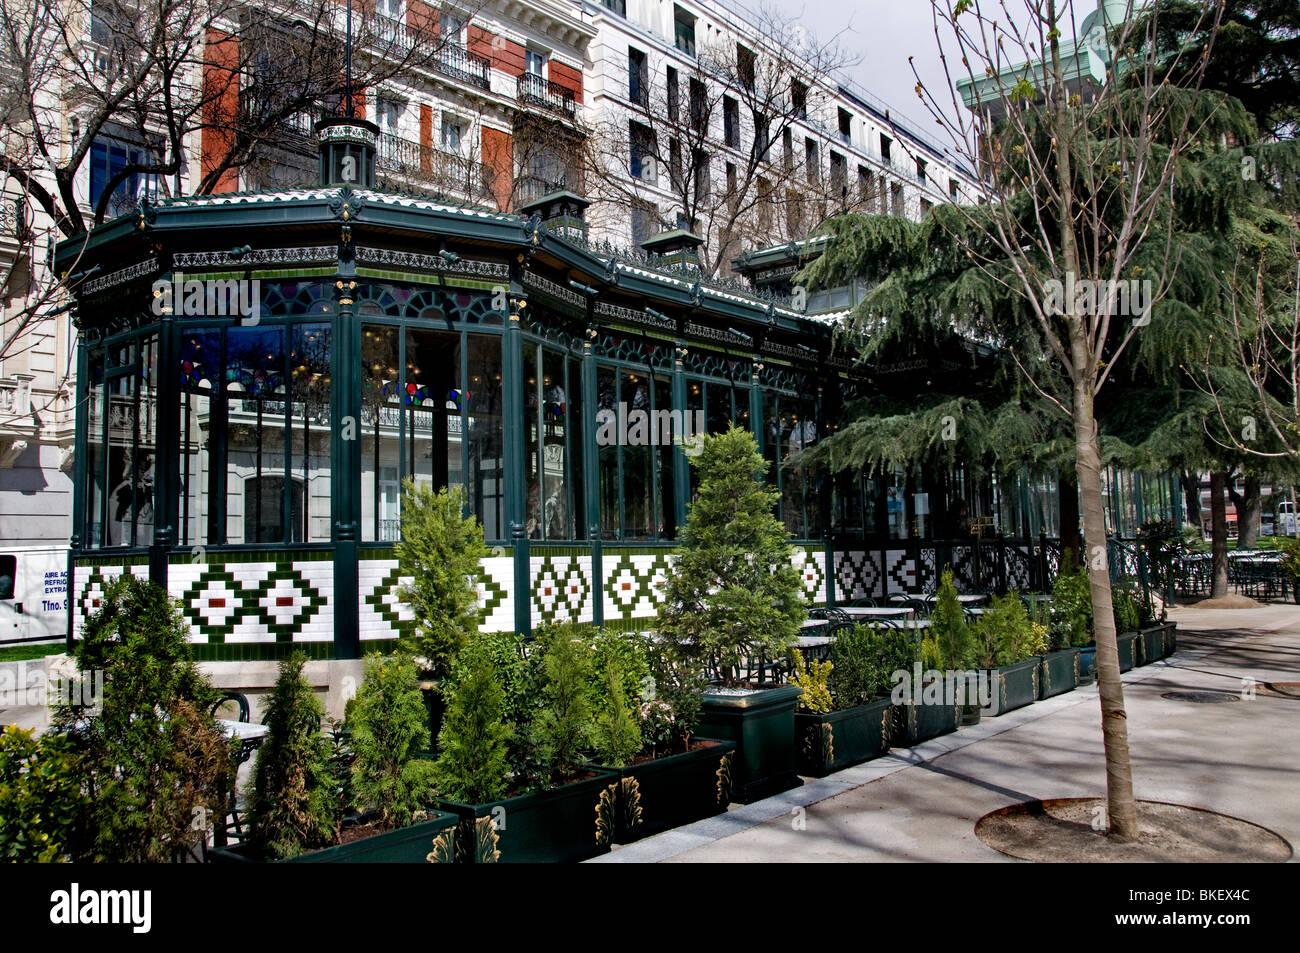 El pabellon del espejo paseo de recoletos 31 madrid for Cafe el jardin madrid